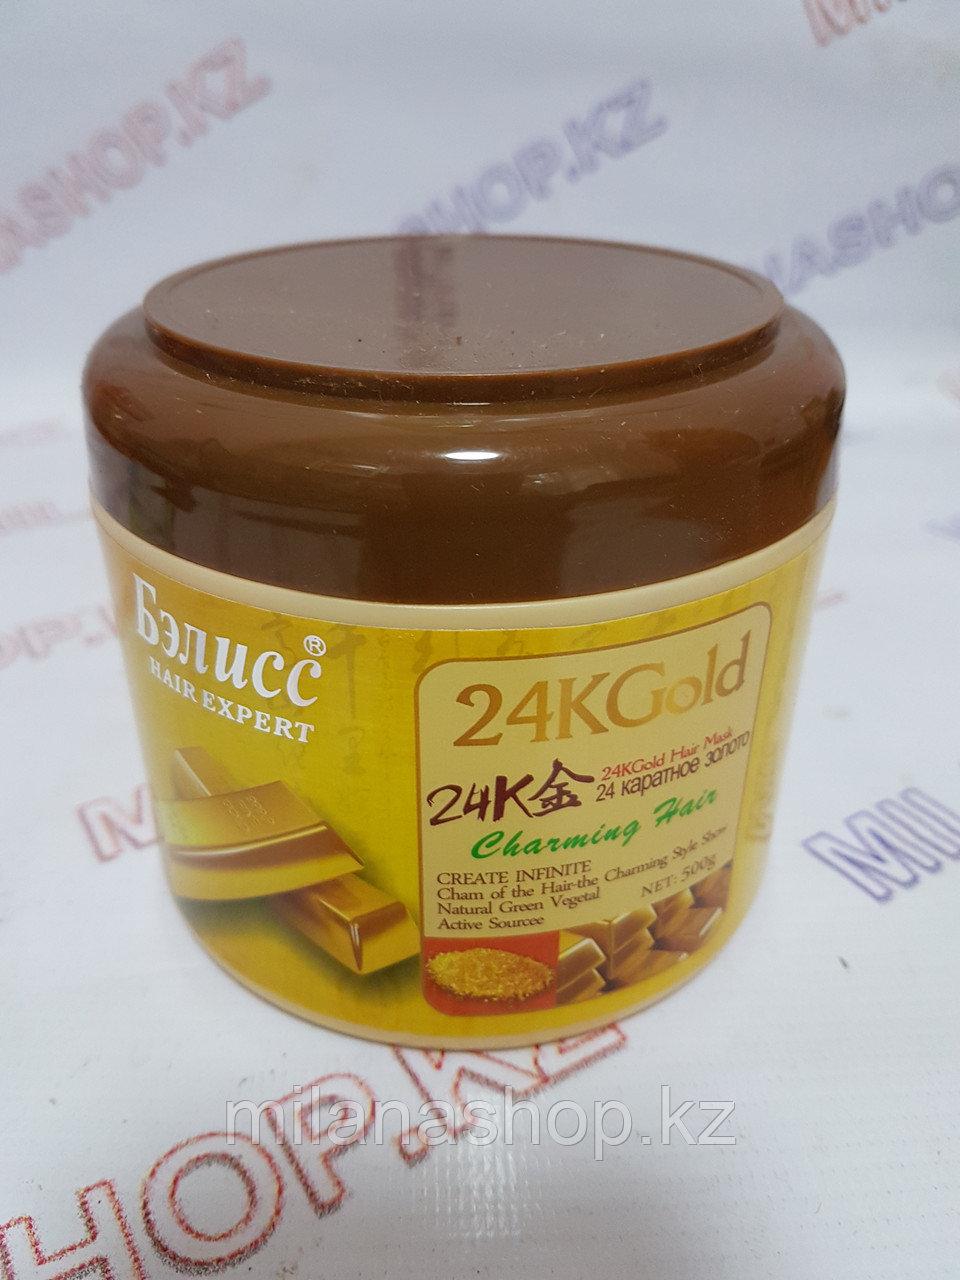 Бэлисс - Маска для волос 24 каратное золото